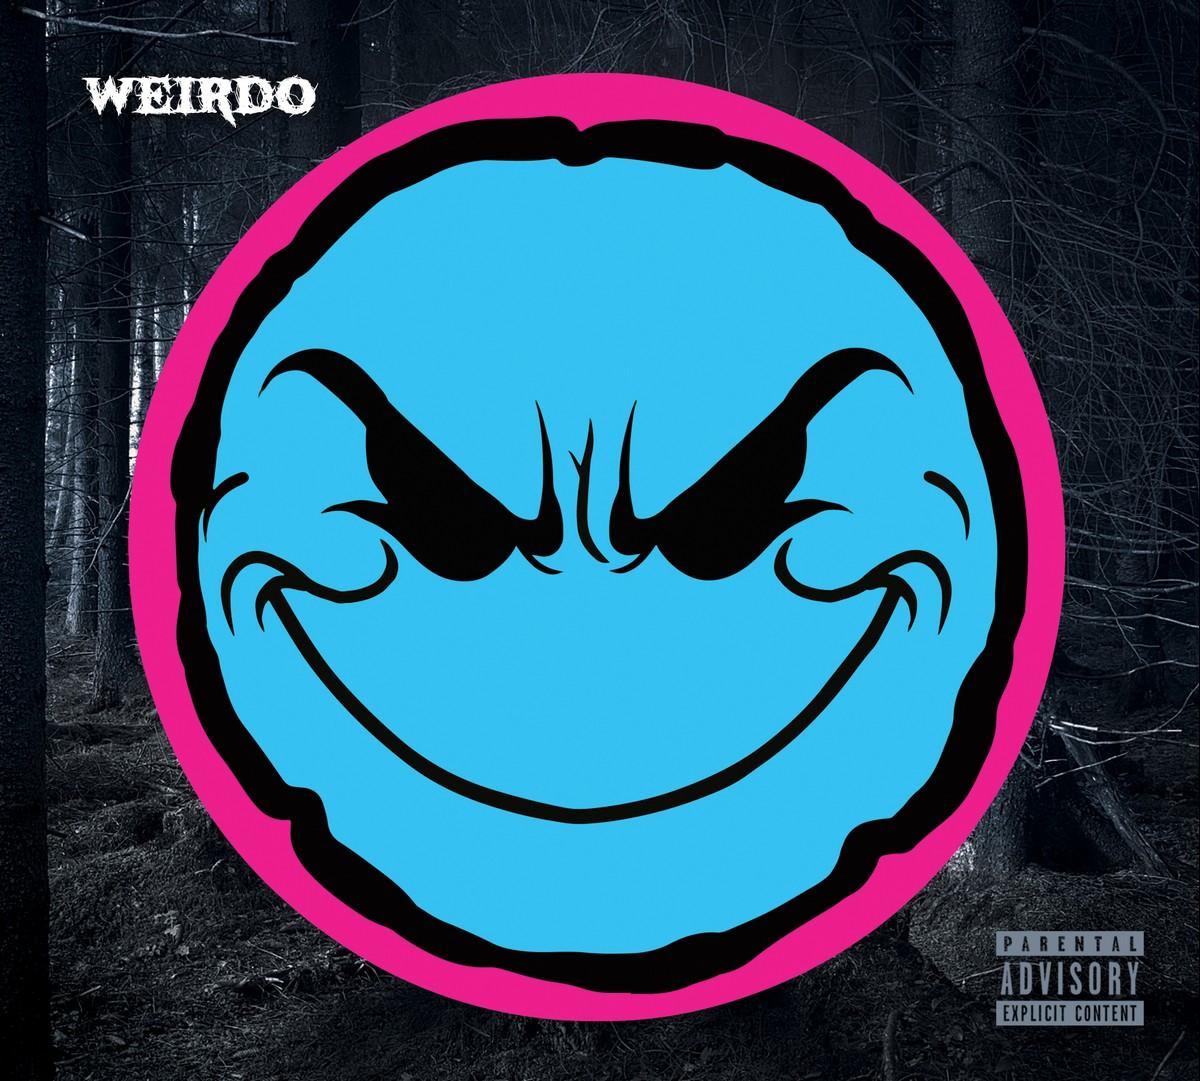 Weirdo Front Cover